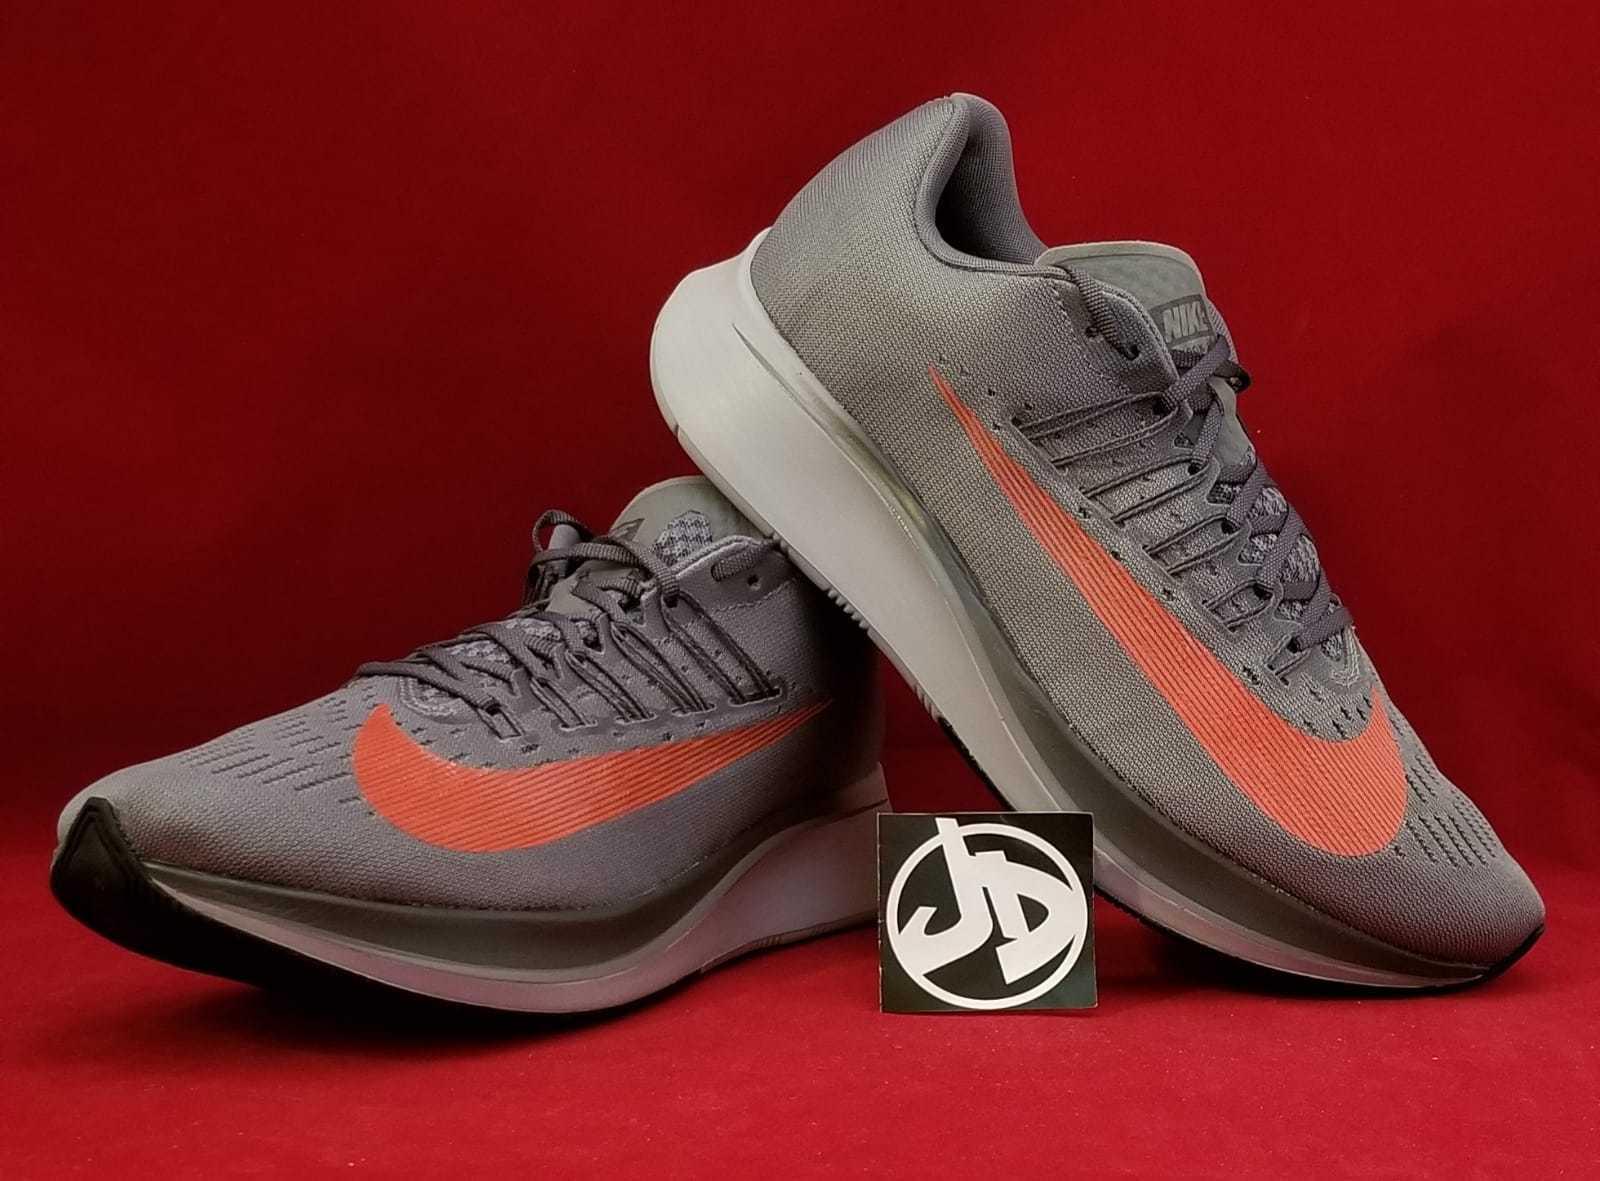 Clásico Nike Air Zoom Vomero 12 Neutral Zapatos para correr